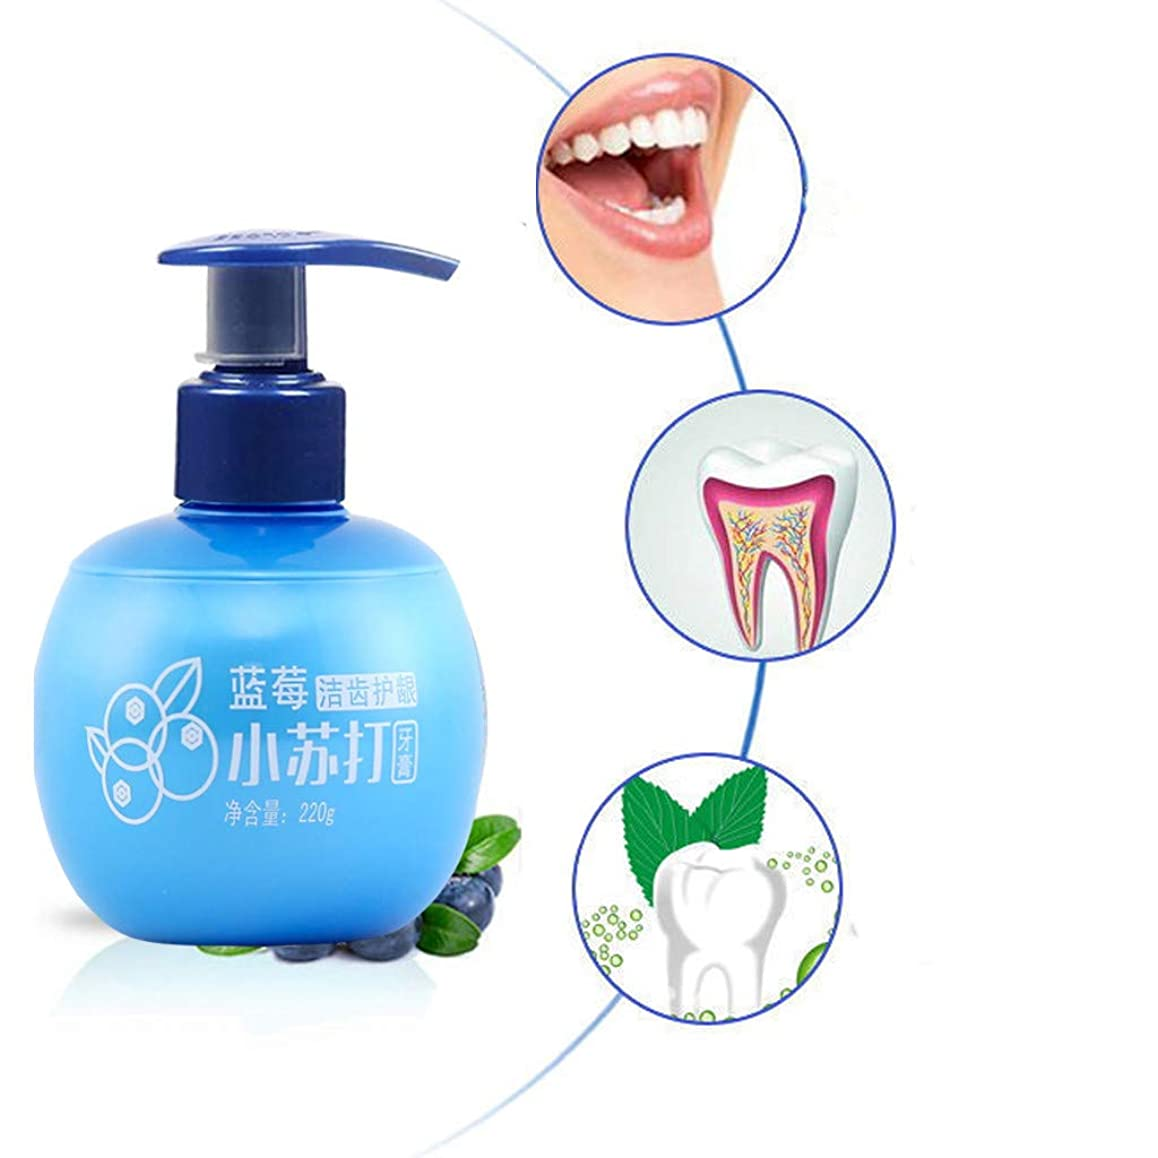 アレキサンダーグラハムベル気体のホラープレスタイプのホワイトニング練り歯磨き[歯の汚れを強く除去する]フルーティーな練り歯磨きベーキングソーダホワイトニング練り歯磨きを防止するために歯磨き粉を吐き出す新鮮なガムを歯磨き粉 ホワイトニング大容量220 g (ブルー(ブルーベリー風味))